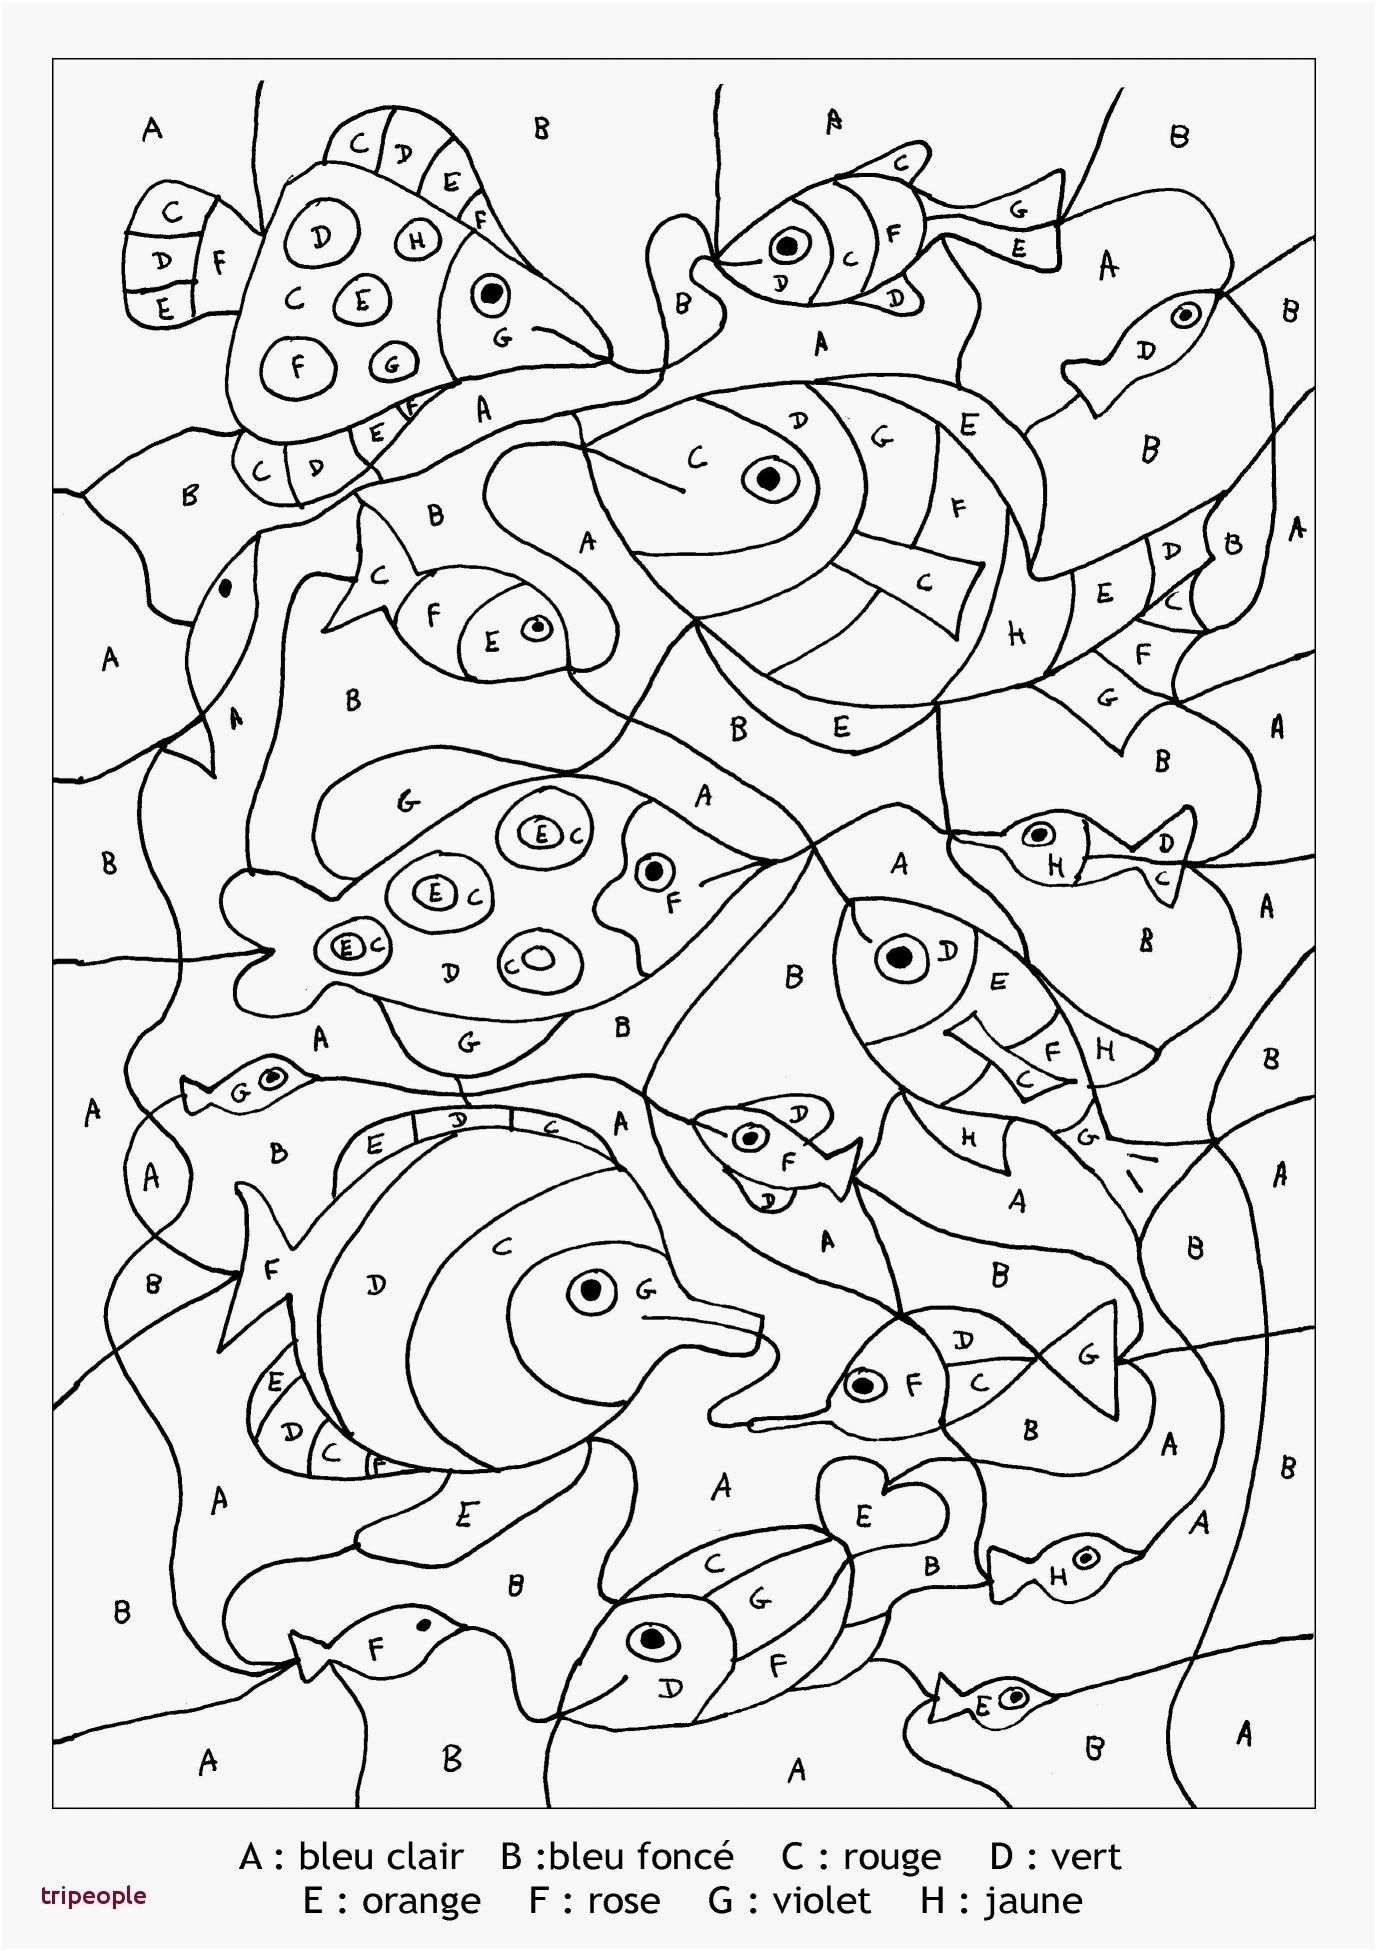 8 Excellent Jeu De Coloriage En Ligne Images Coloriage Magique Gs Coloriage Magique Coloriage Gratuit